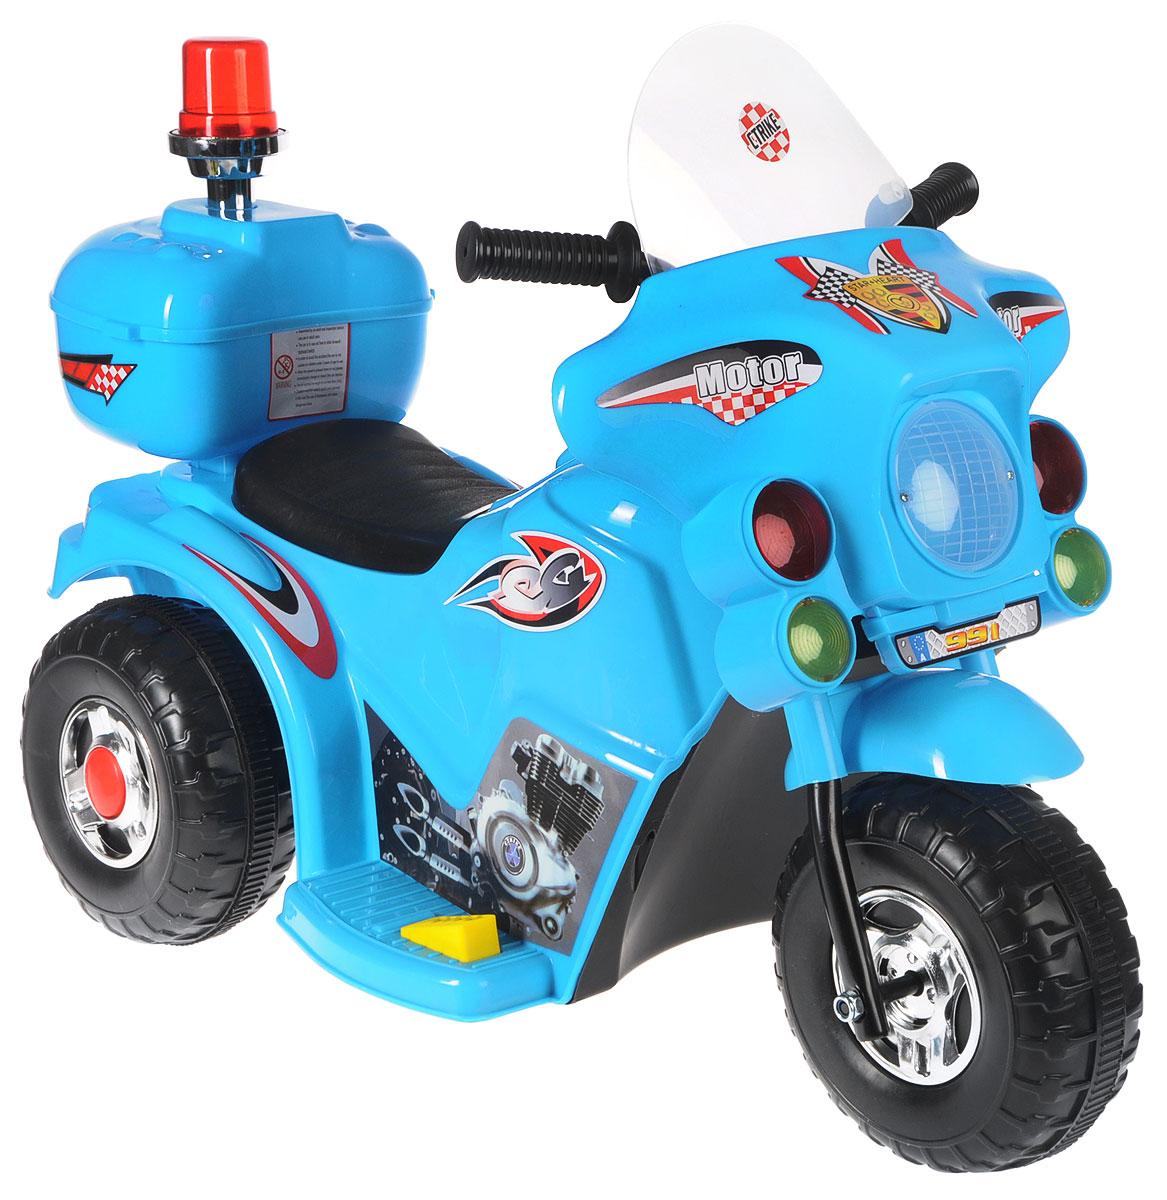 G120 Мотоцикл детский на аккумуляторе с маячком цвет голубой -  Электромобили